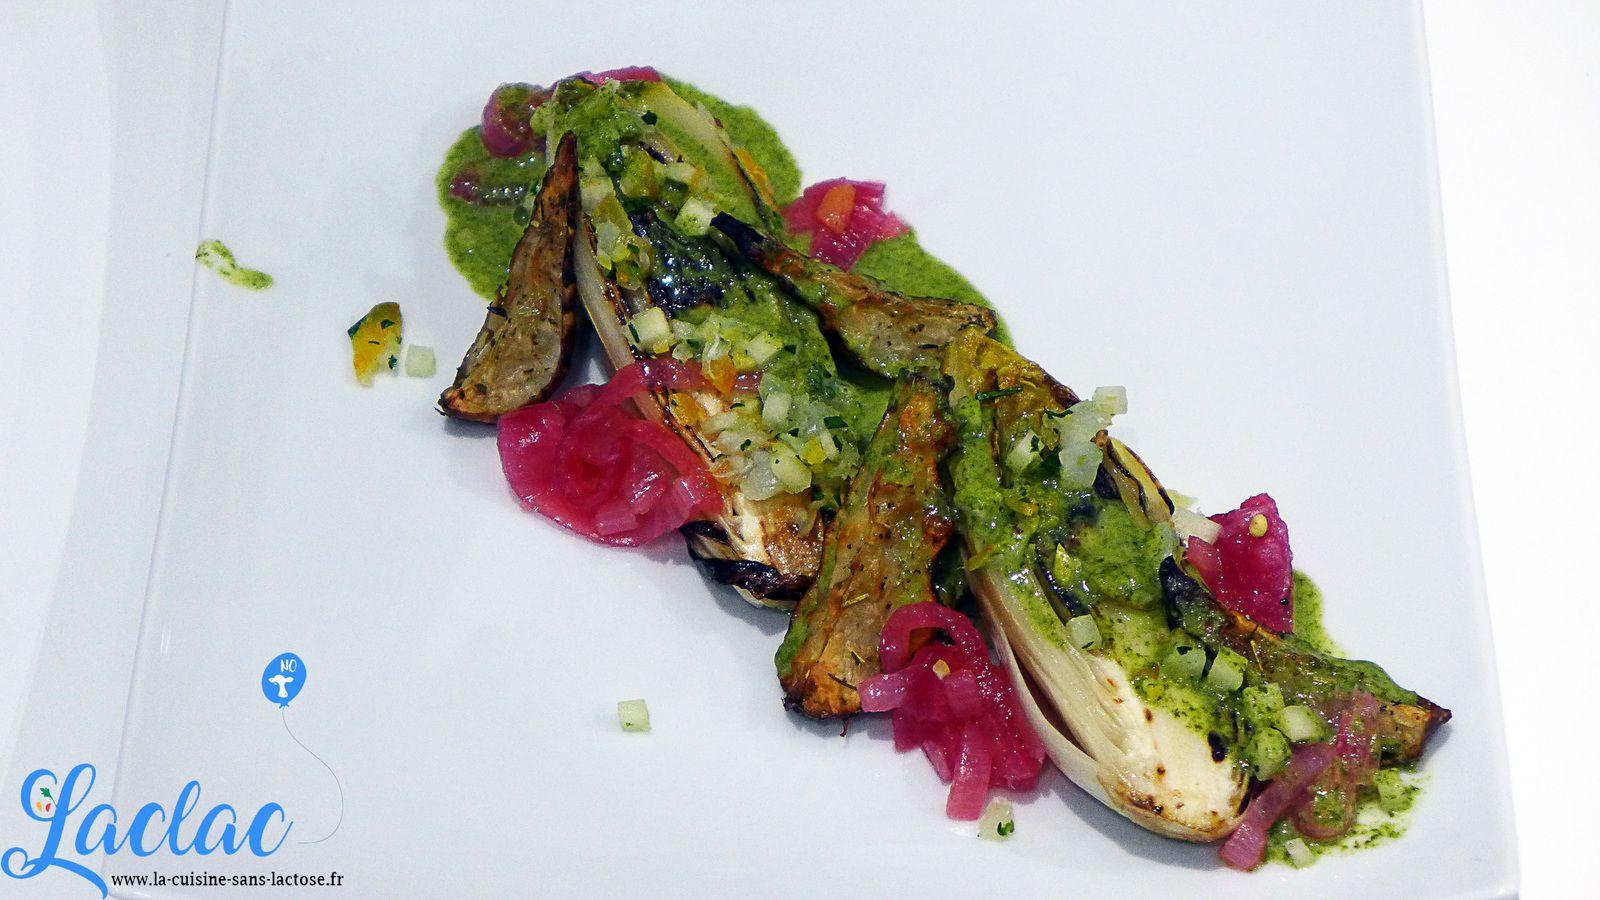 Endives Grillées, Condiment de Haddock, Pickles d'Oignon Rouge ! (JLCTC20 #5)